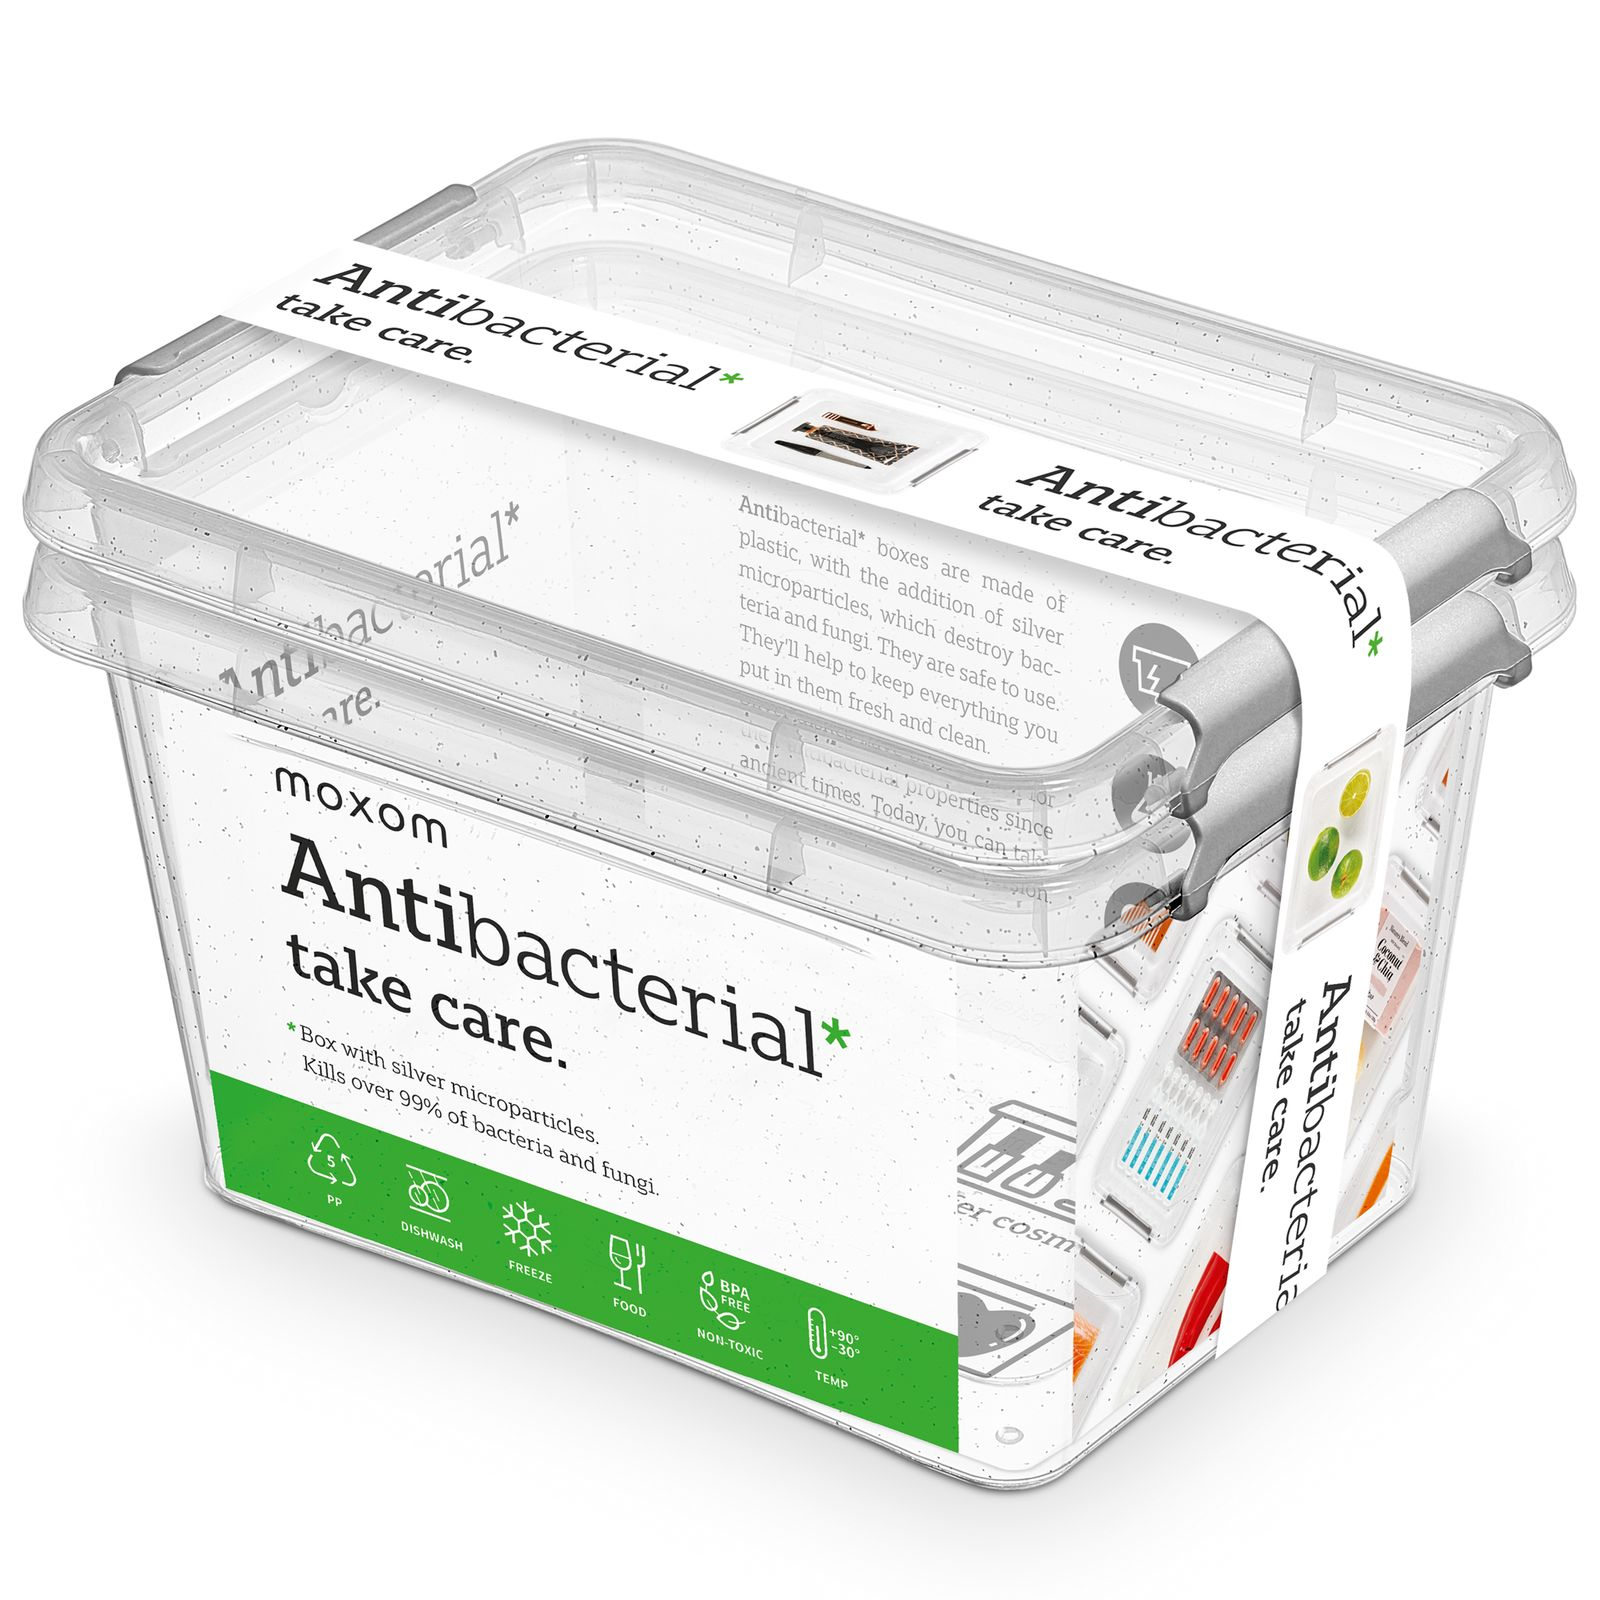 Zestaw 2 pojemników antybakteryjnych Antibacterial* 2 l ORPLAST